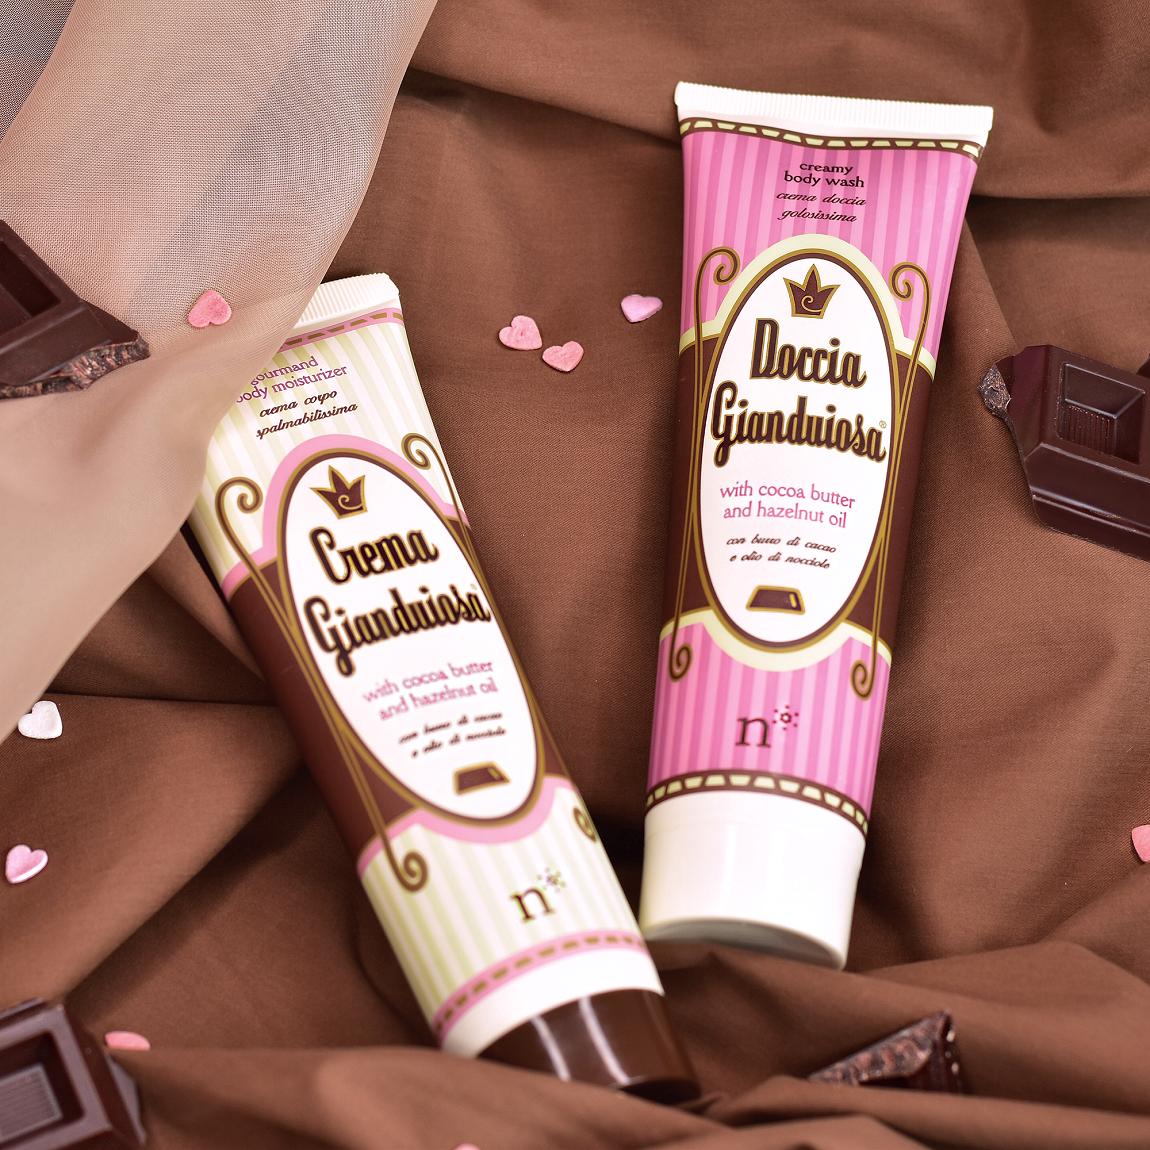 Gianduiosa: la crema corpo al burro di cacao e profumo di cioccolato